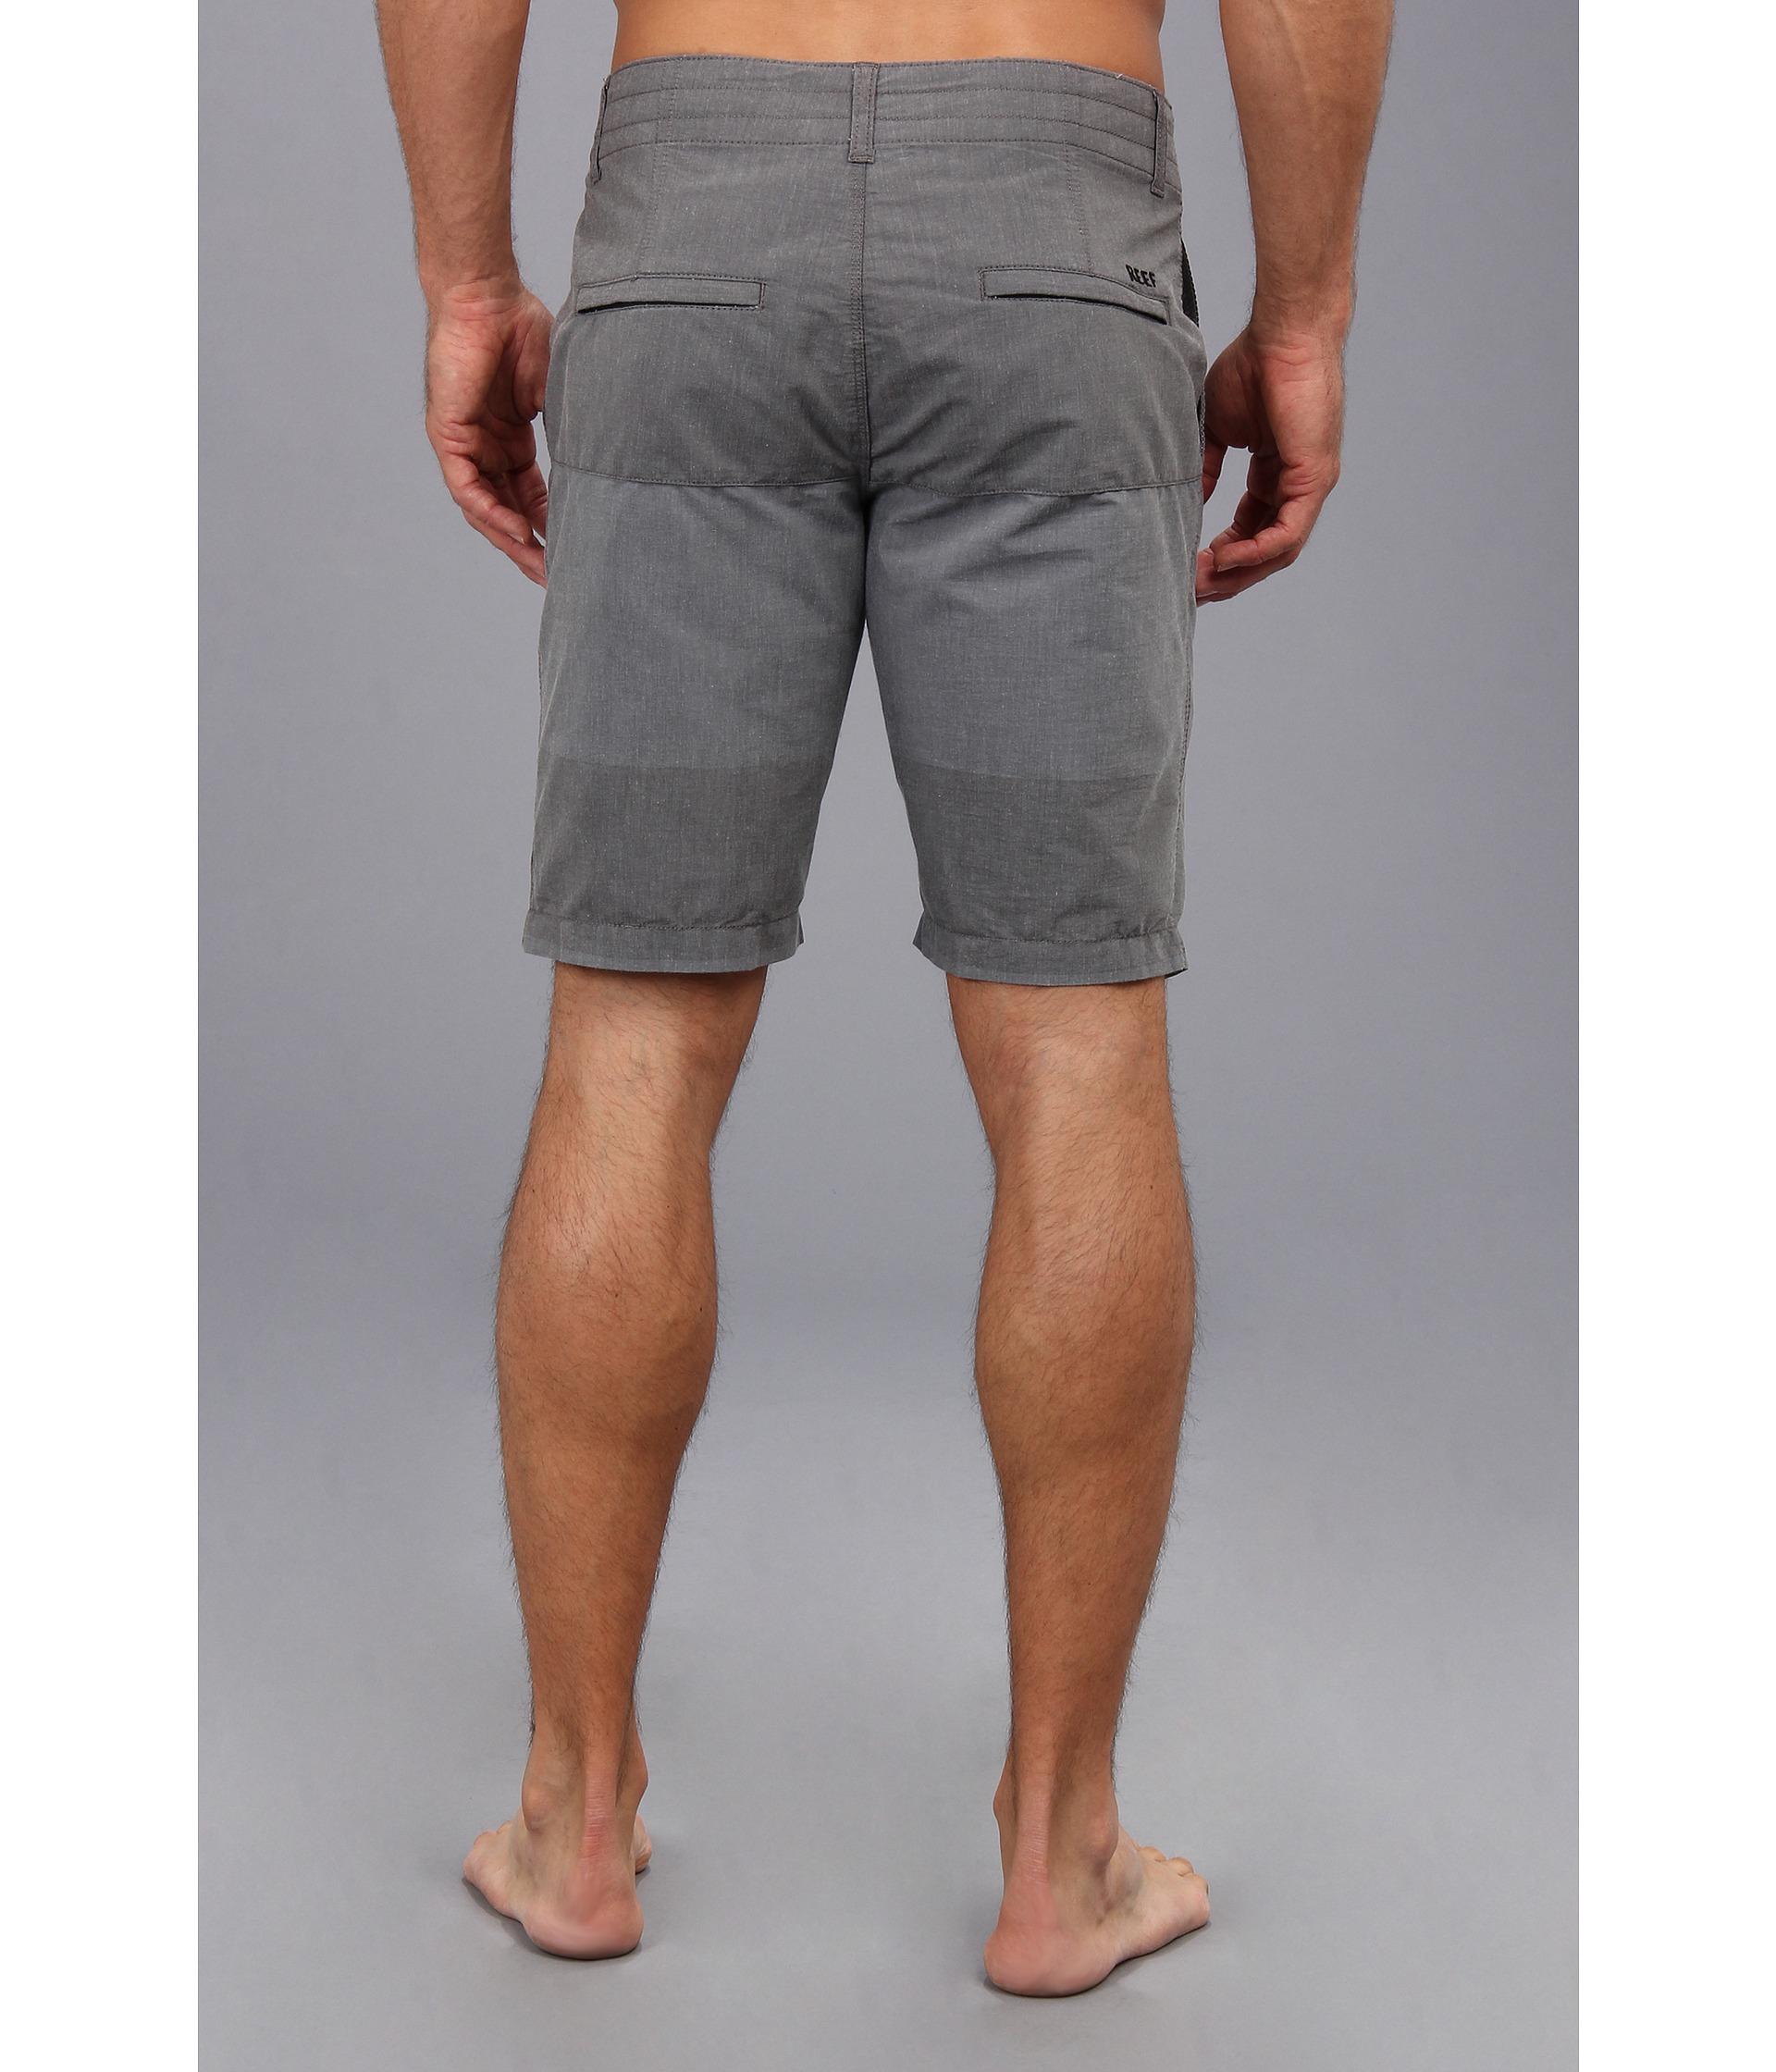 8ffb8536b5 Reef Captain Hybrid Short in Black for Men - Lyst